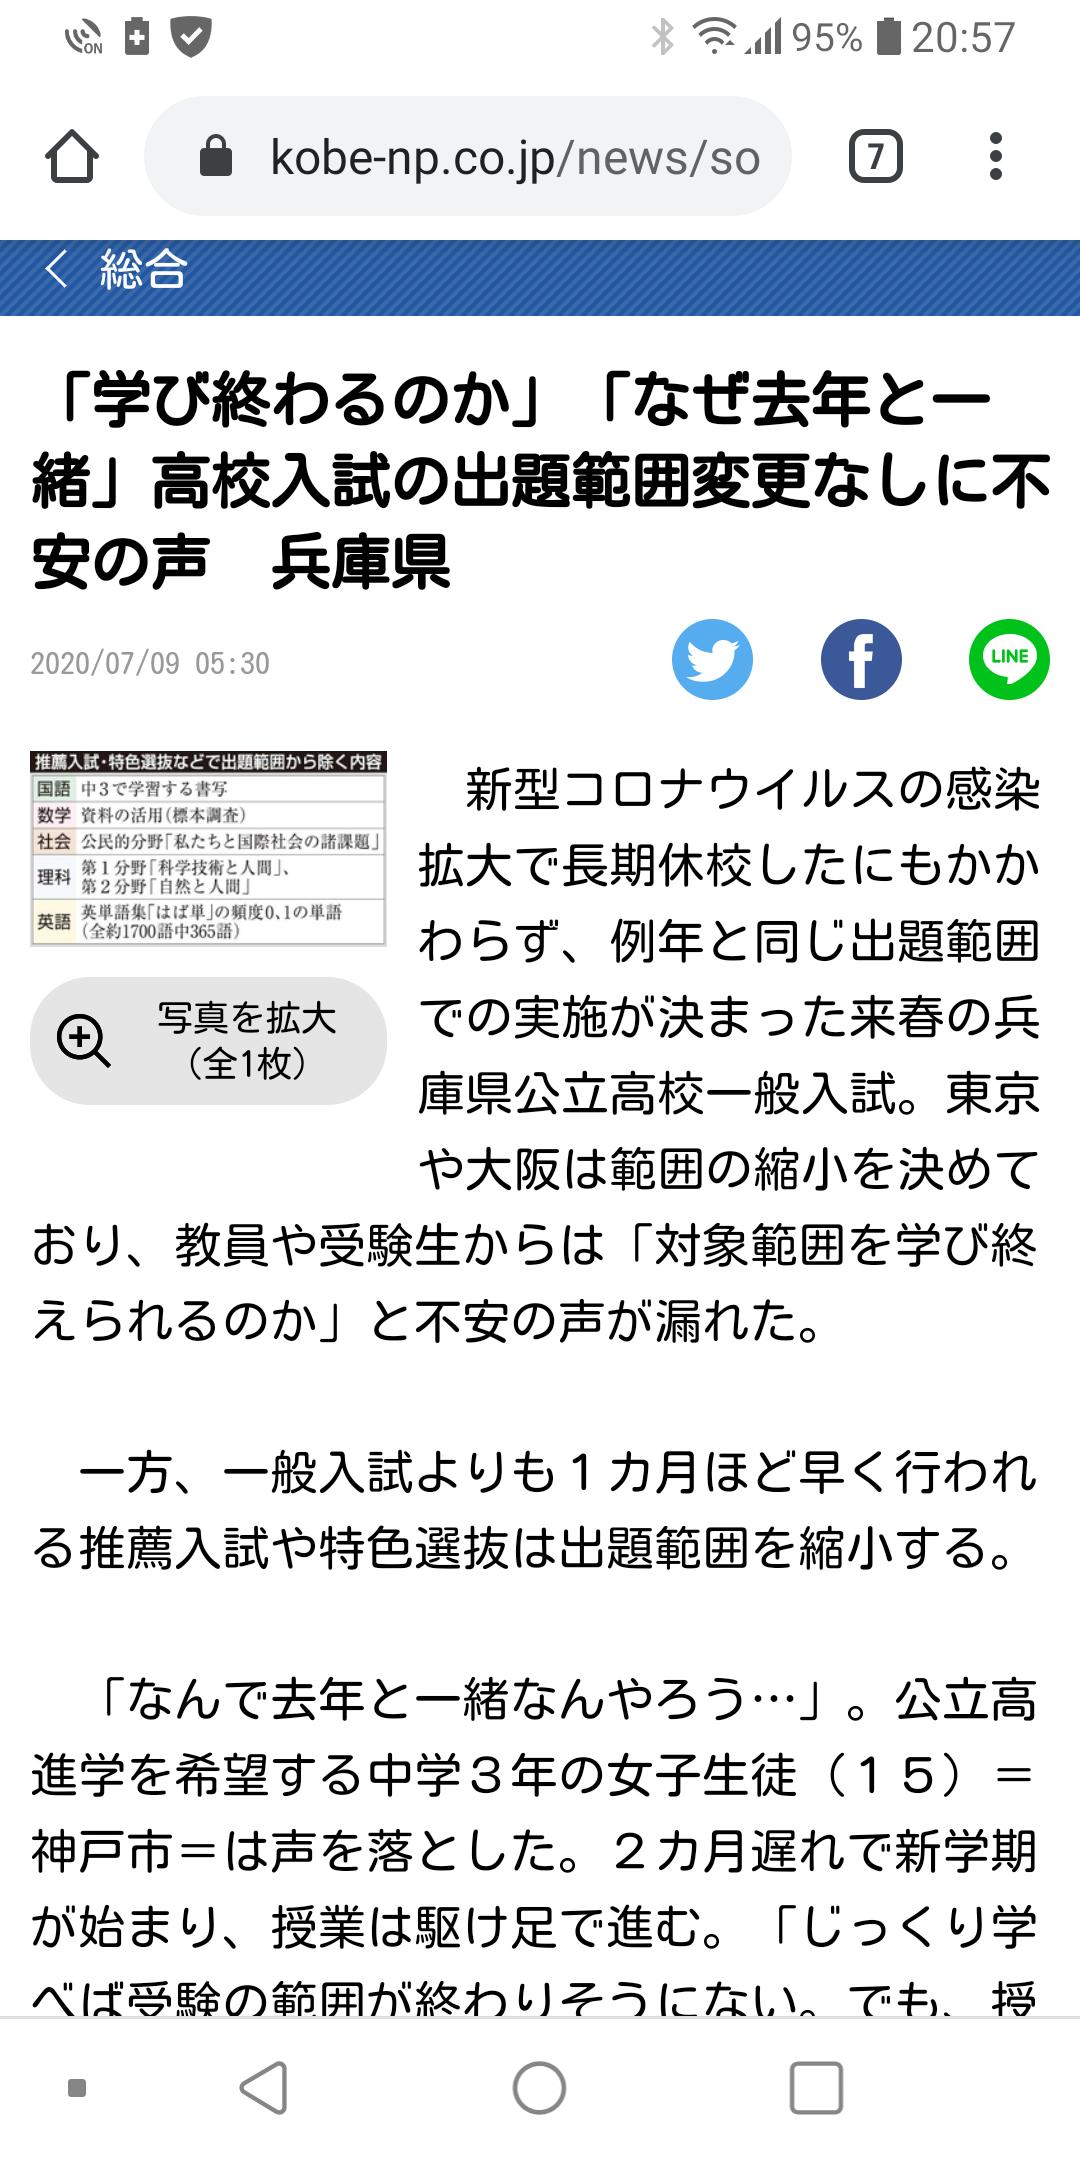 調査 希望 2020 県 公立 高校 兵庫